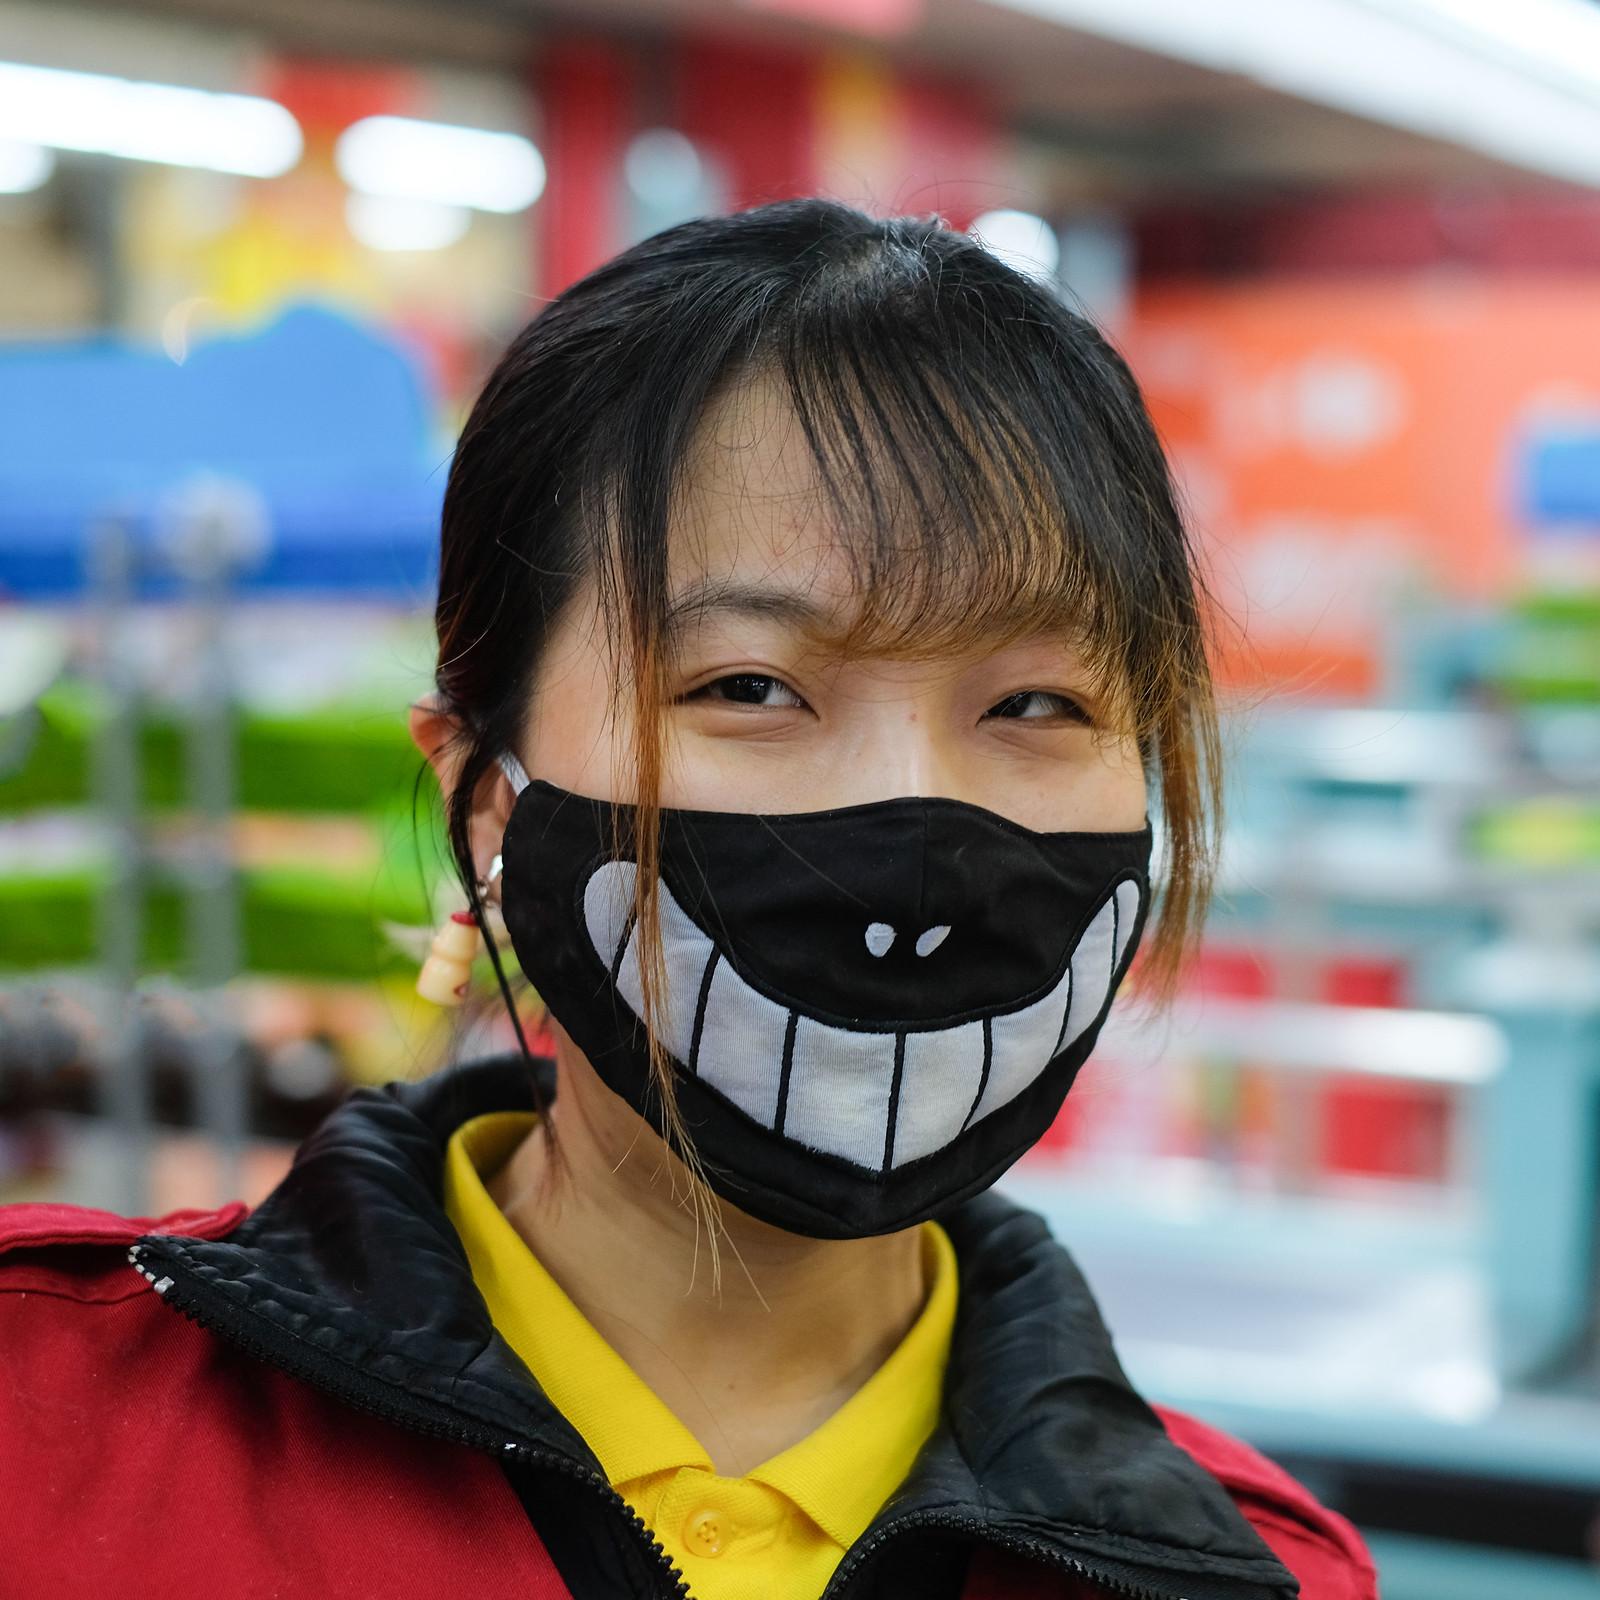 carrefour-kassiererin-maske